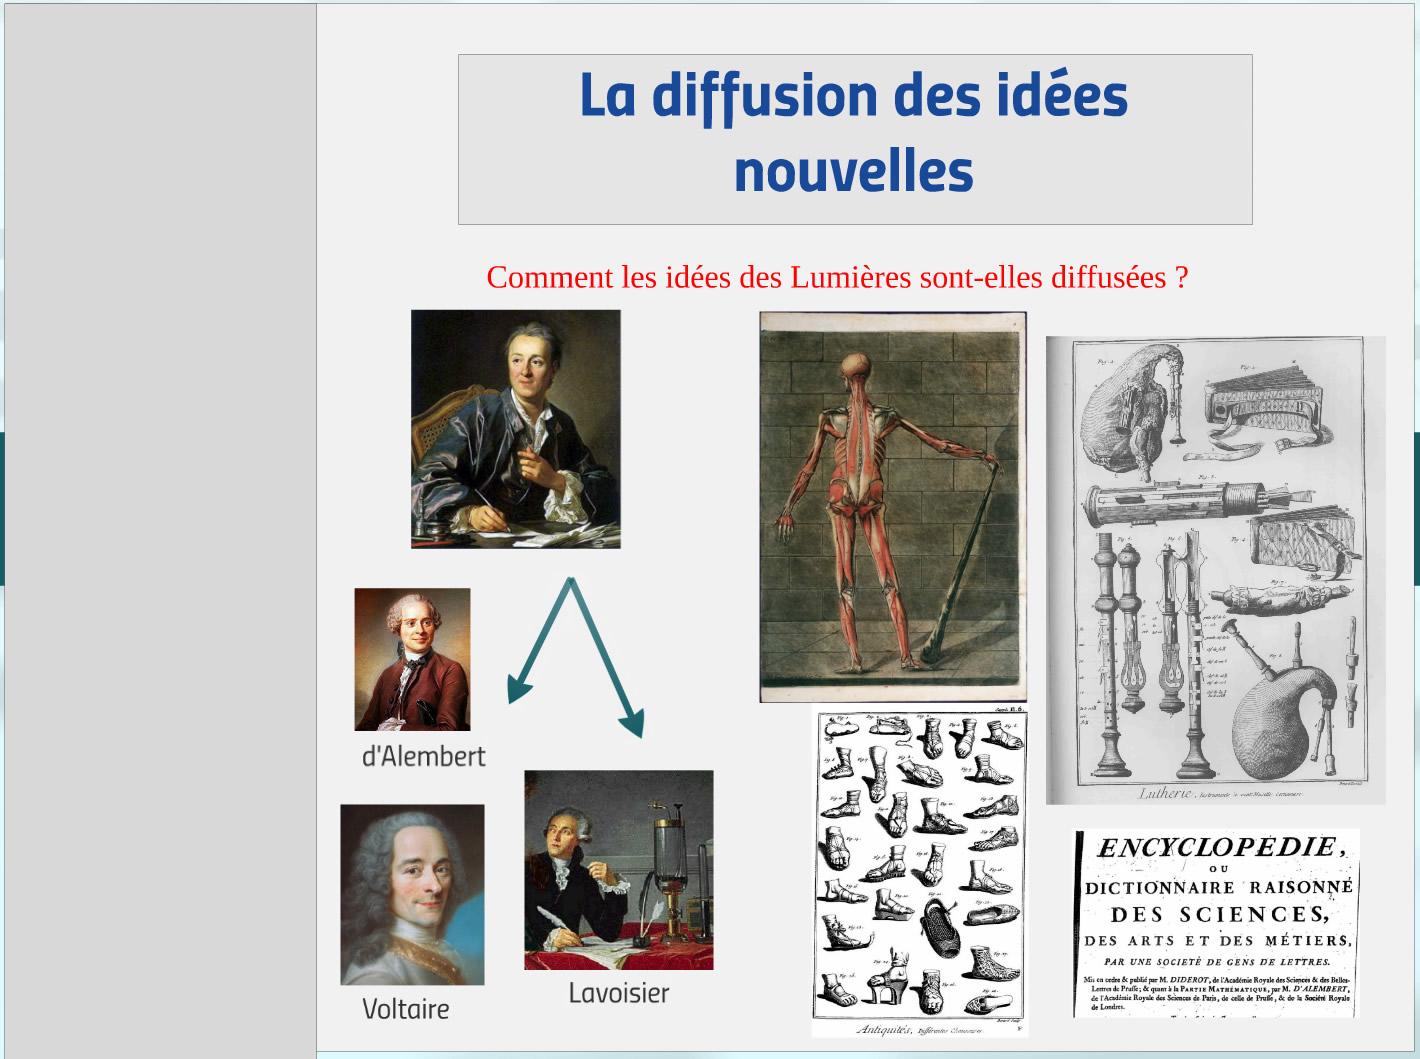 4ème – Voltaire (Le siècle des Lumières)